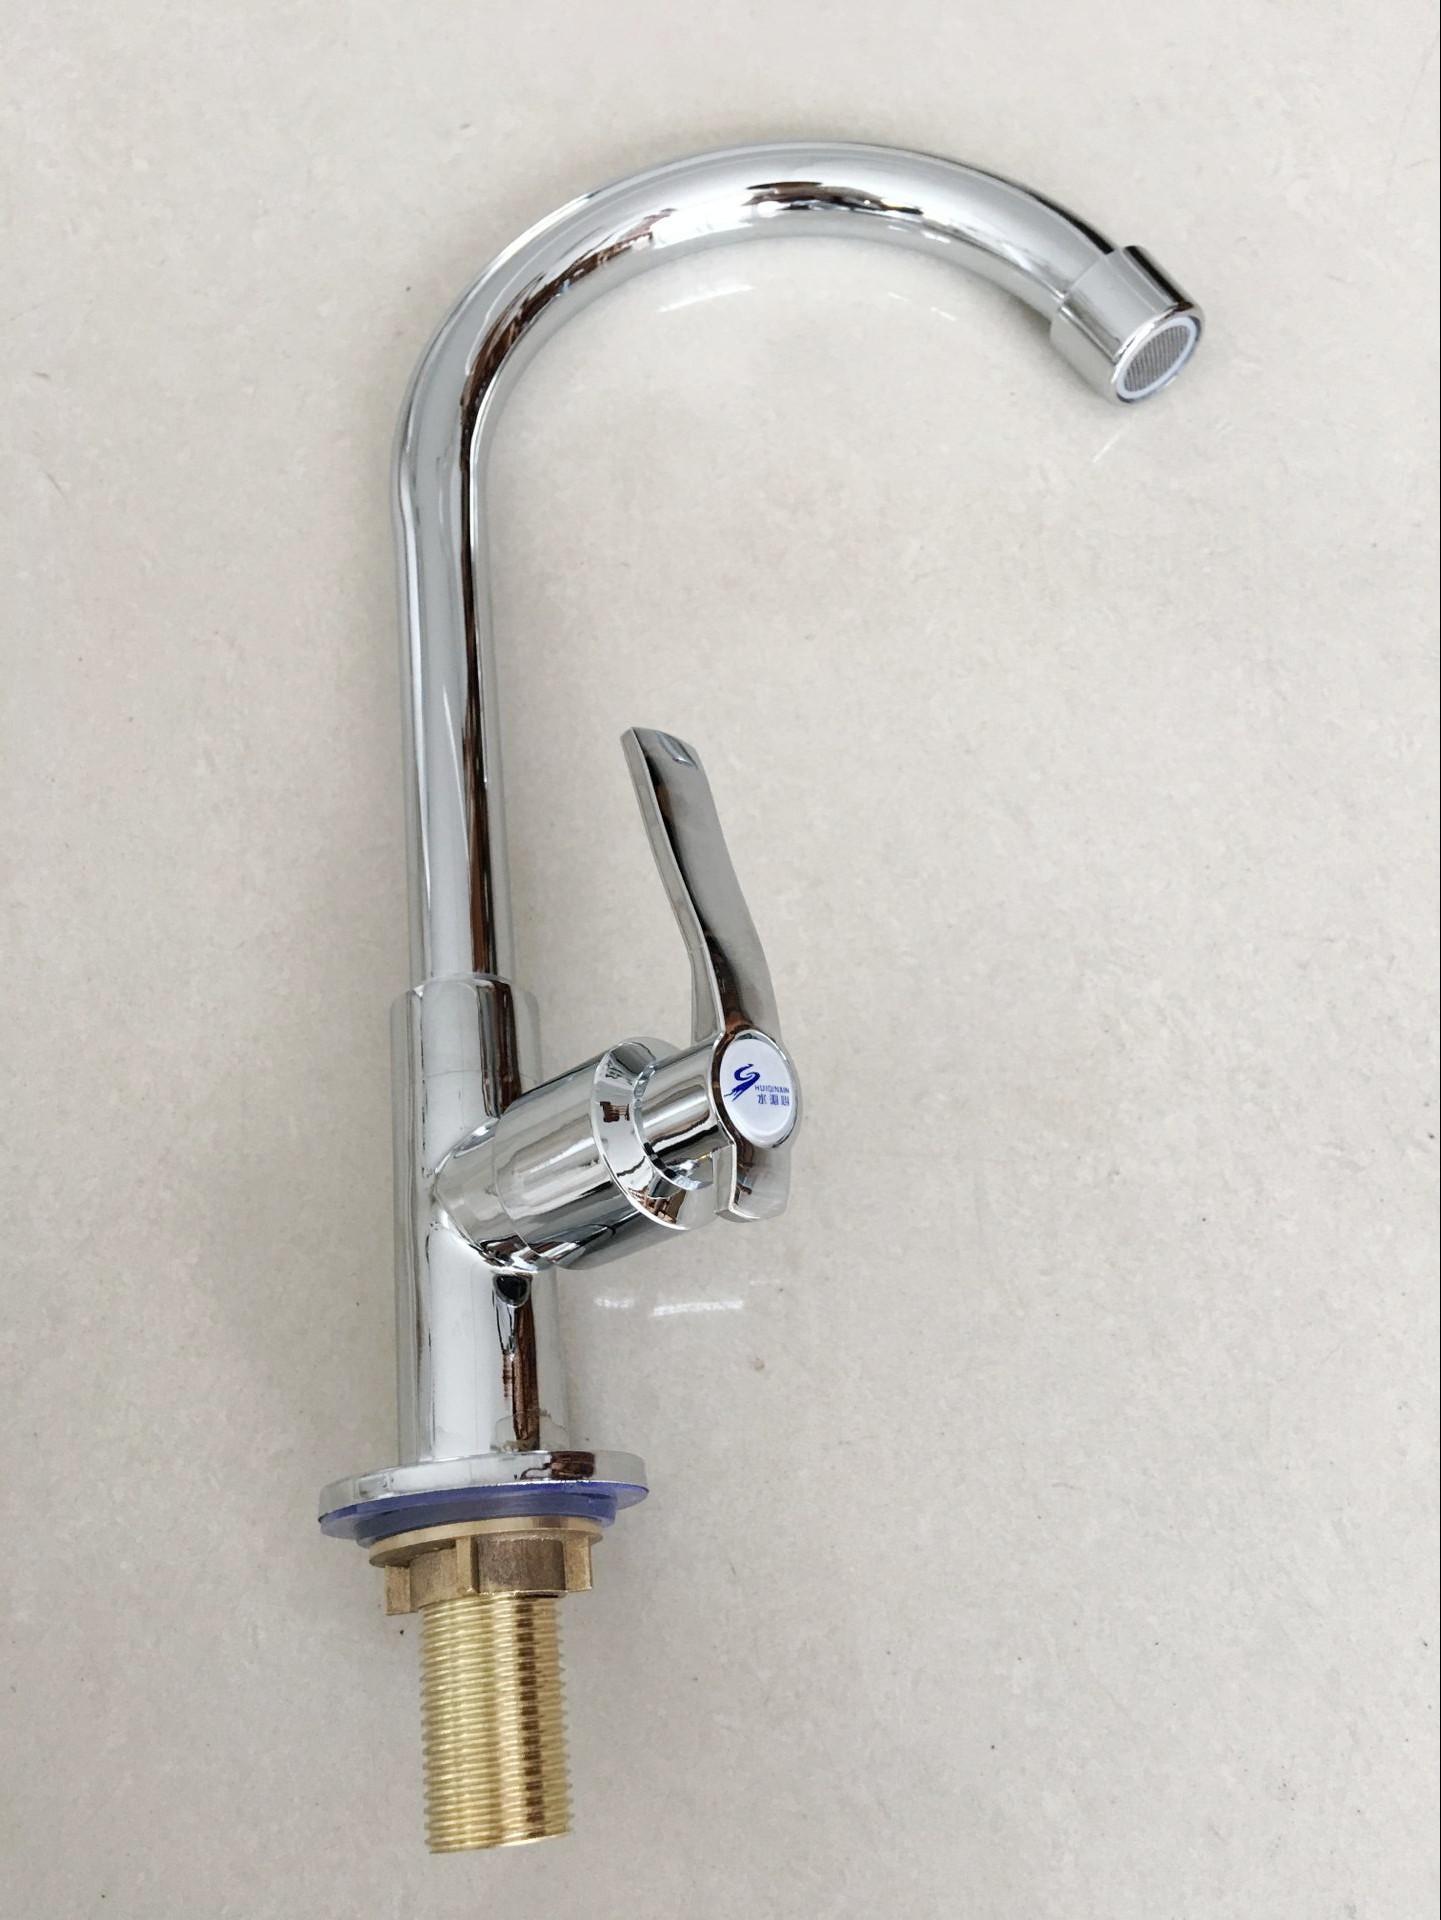 Vòi rửa chén nước lạnh gắn chậu TC-6531